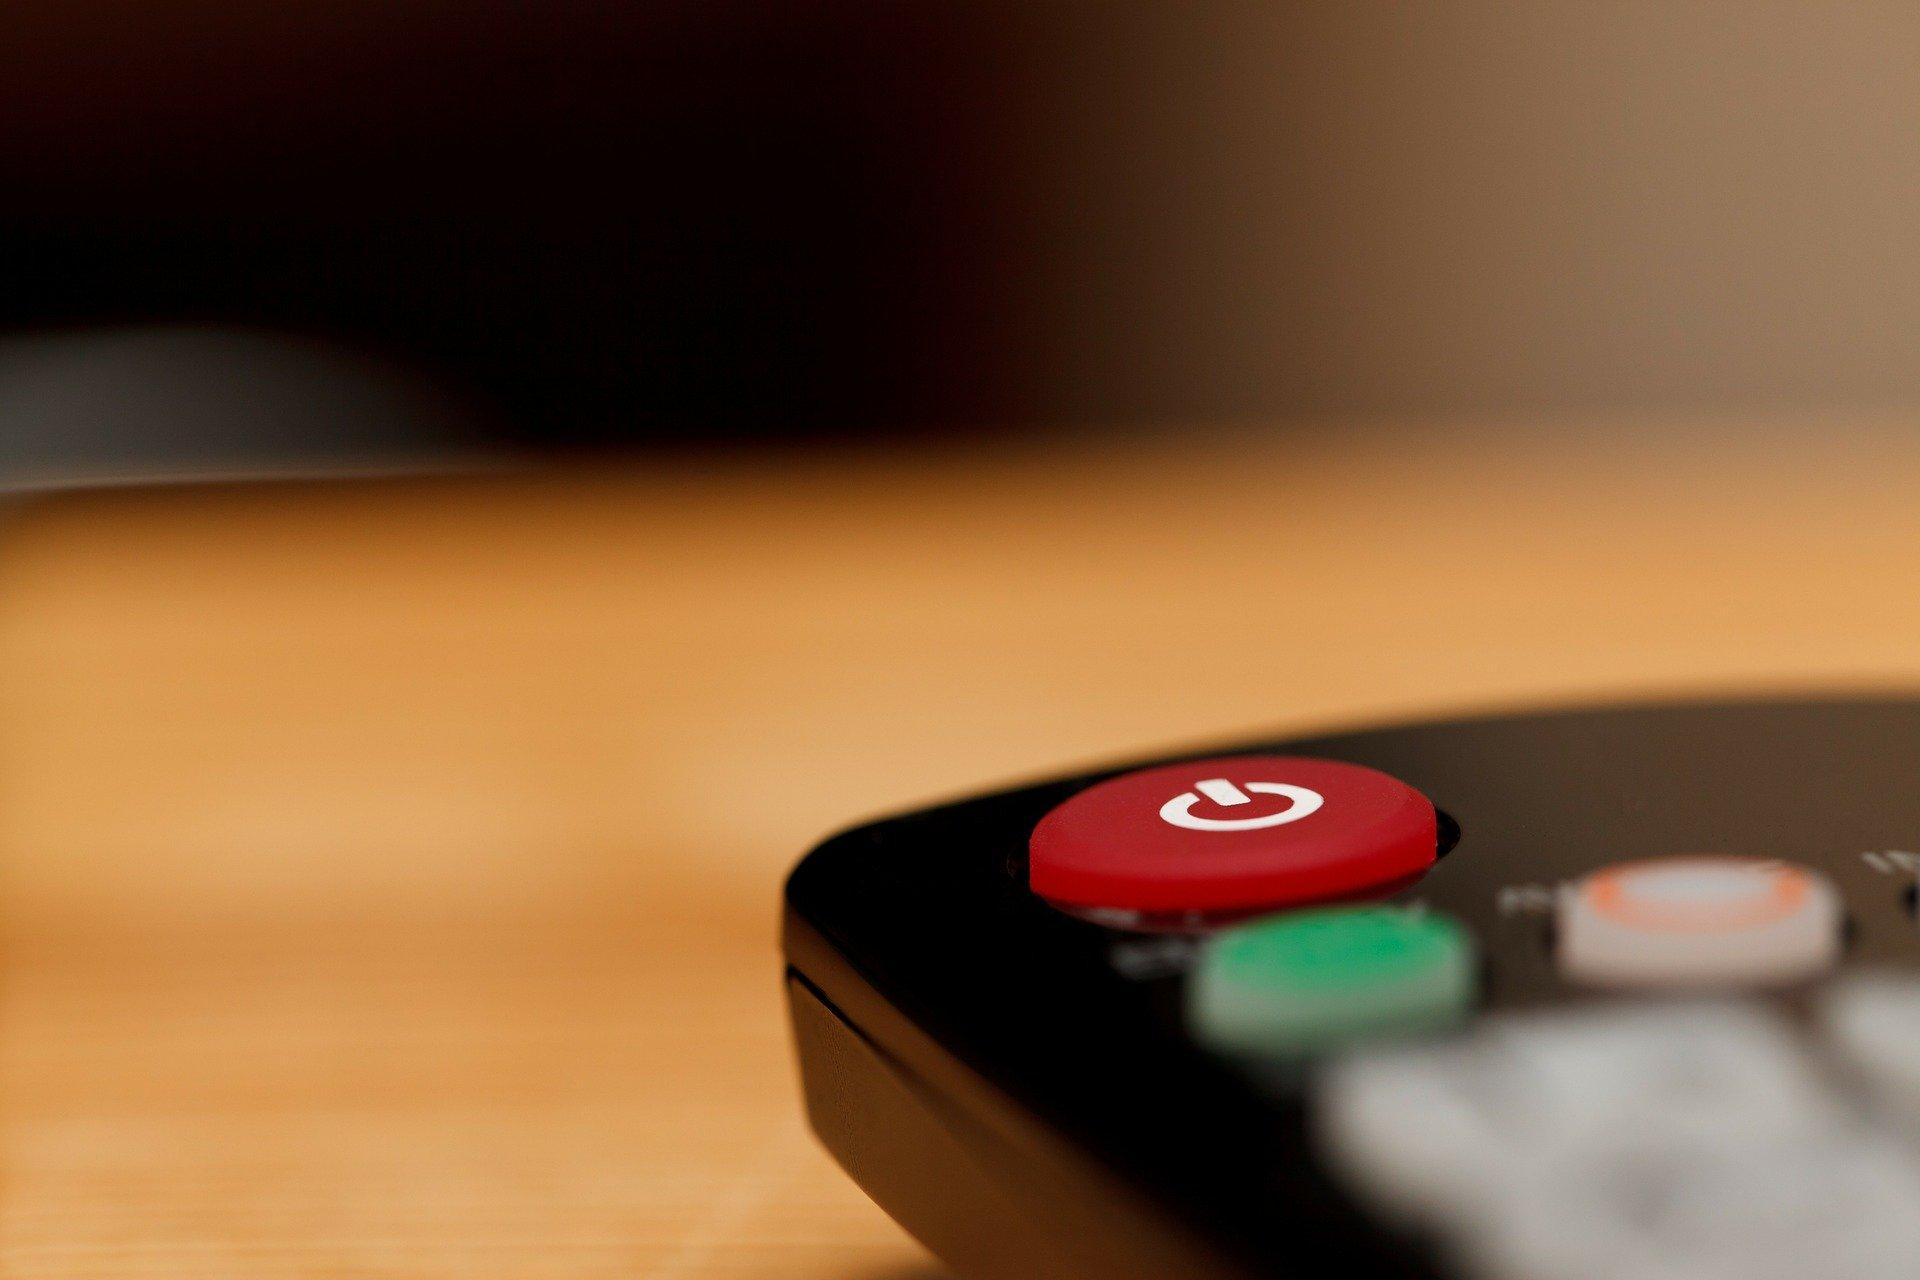 control smart tv espía